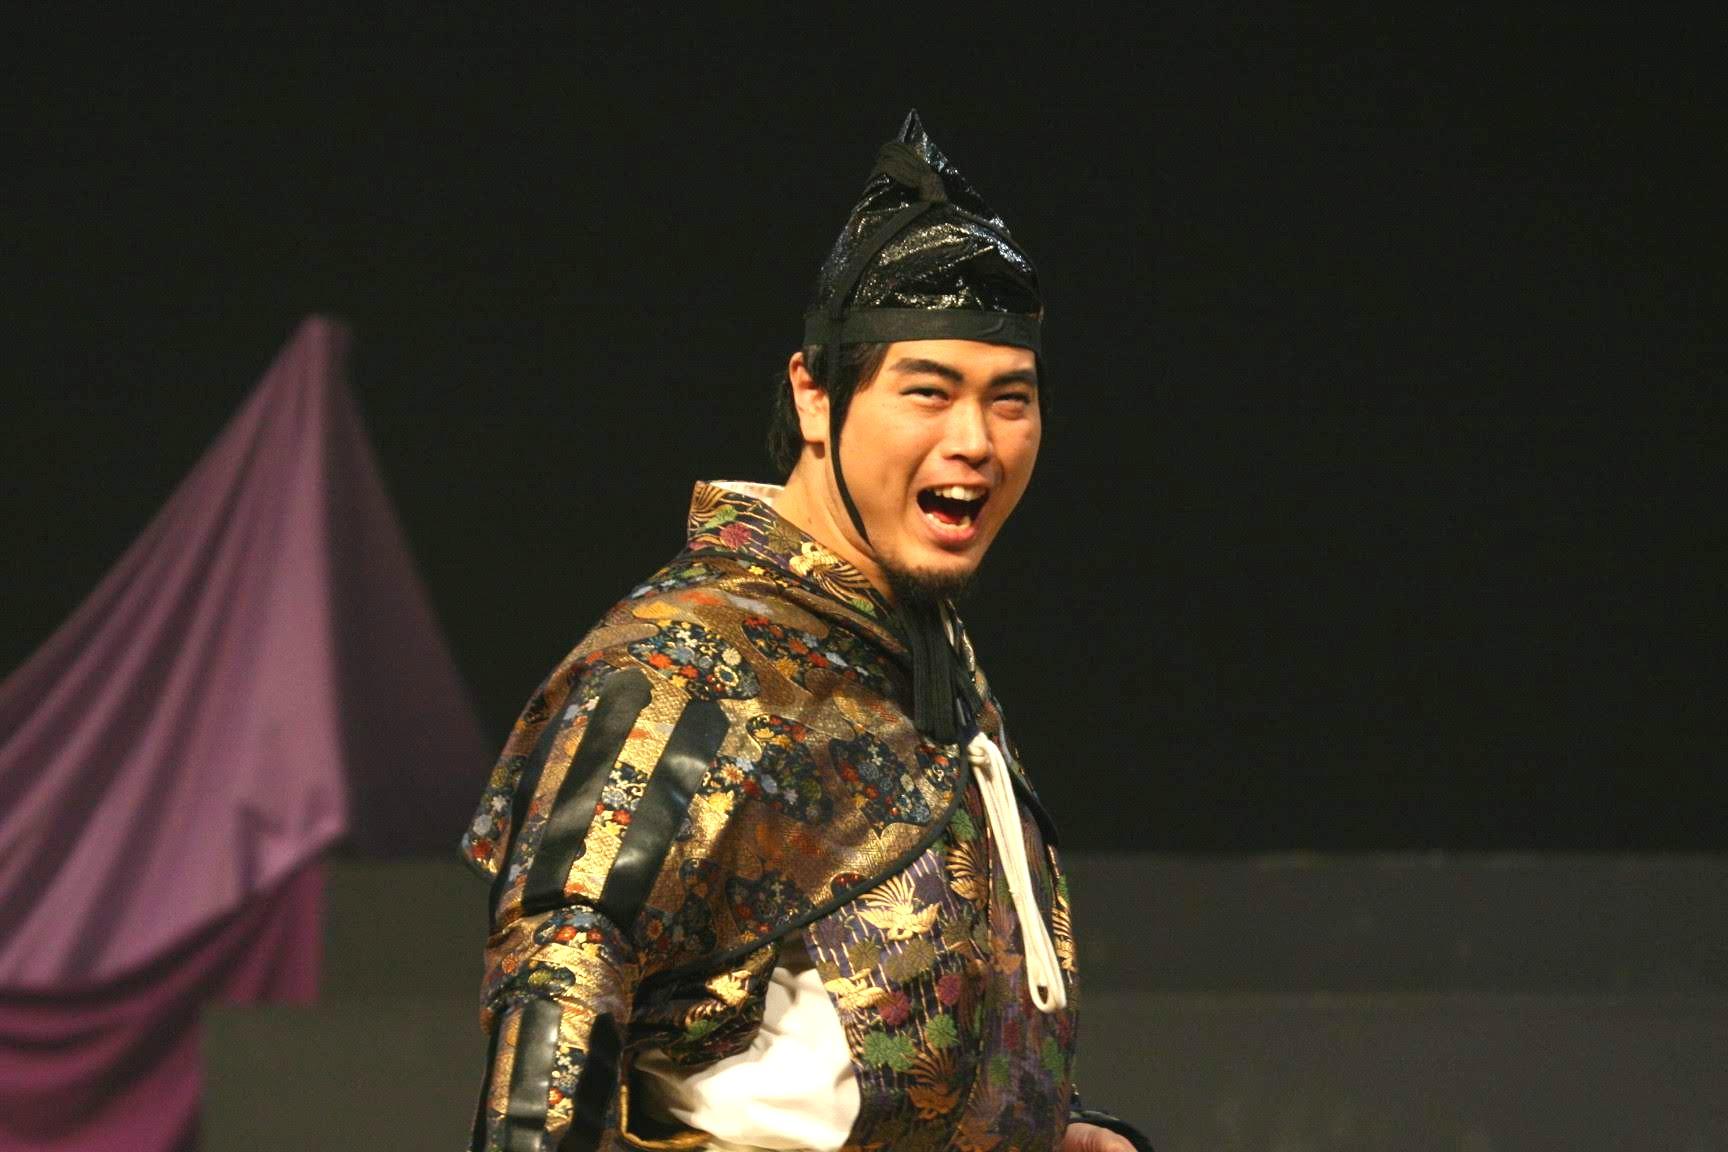 「紫雲の涯て」伊勢三郎